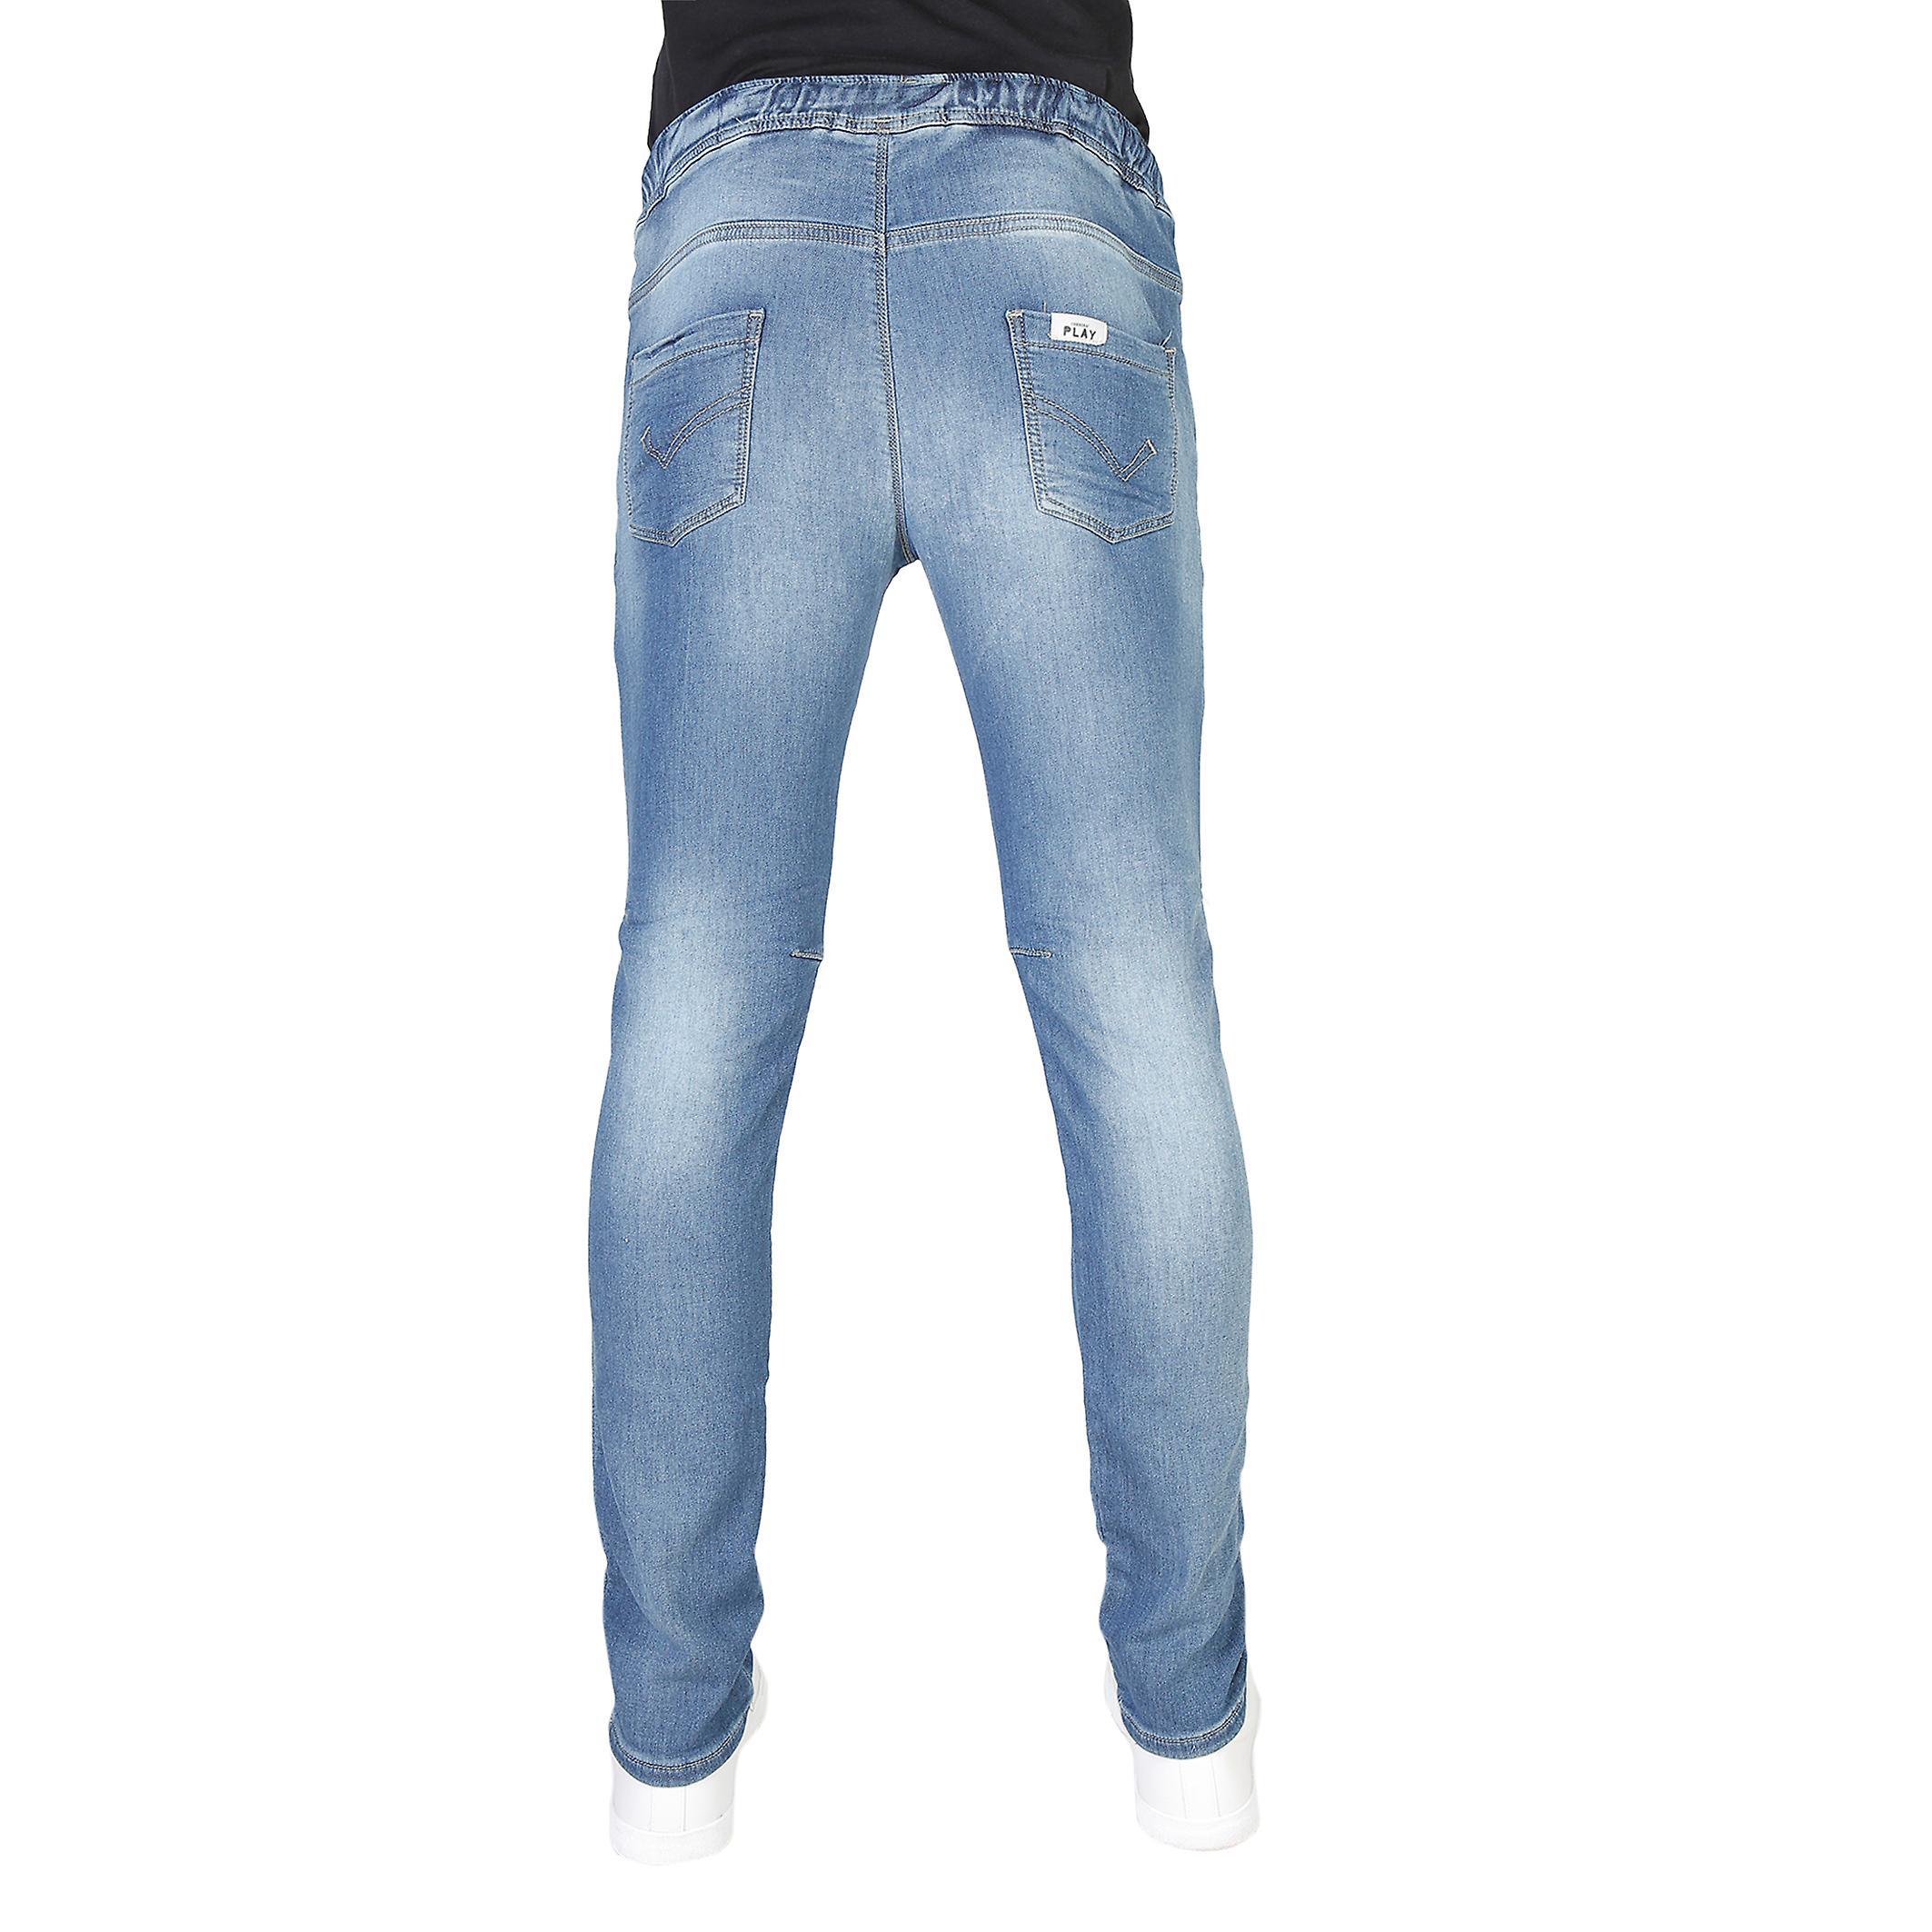 Carrera Jeans Hose Herren Blau